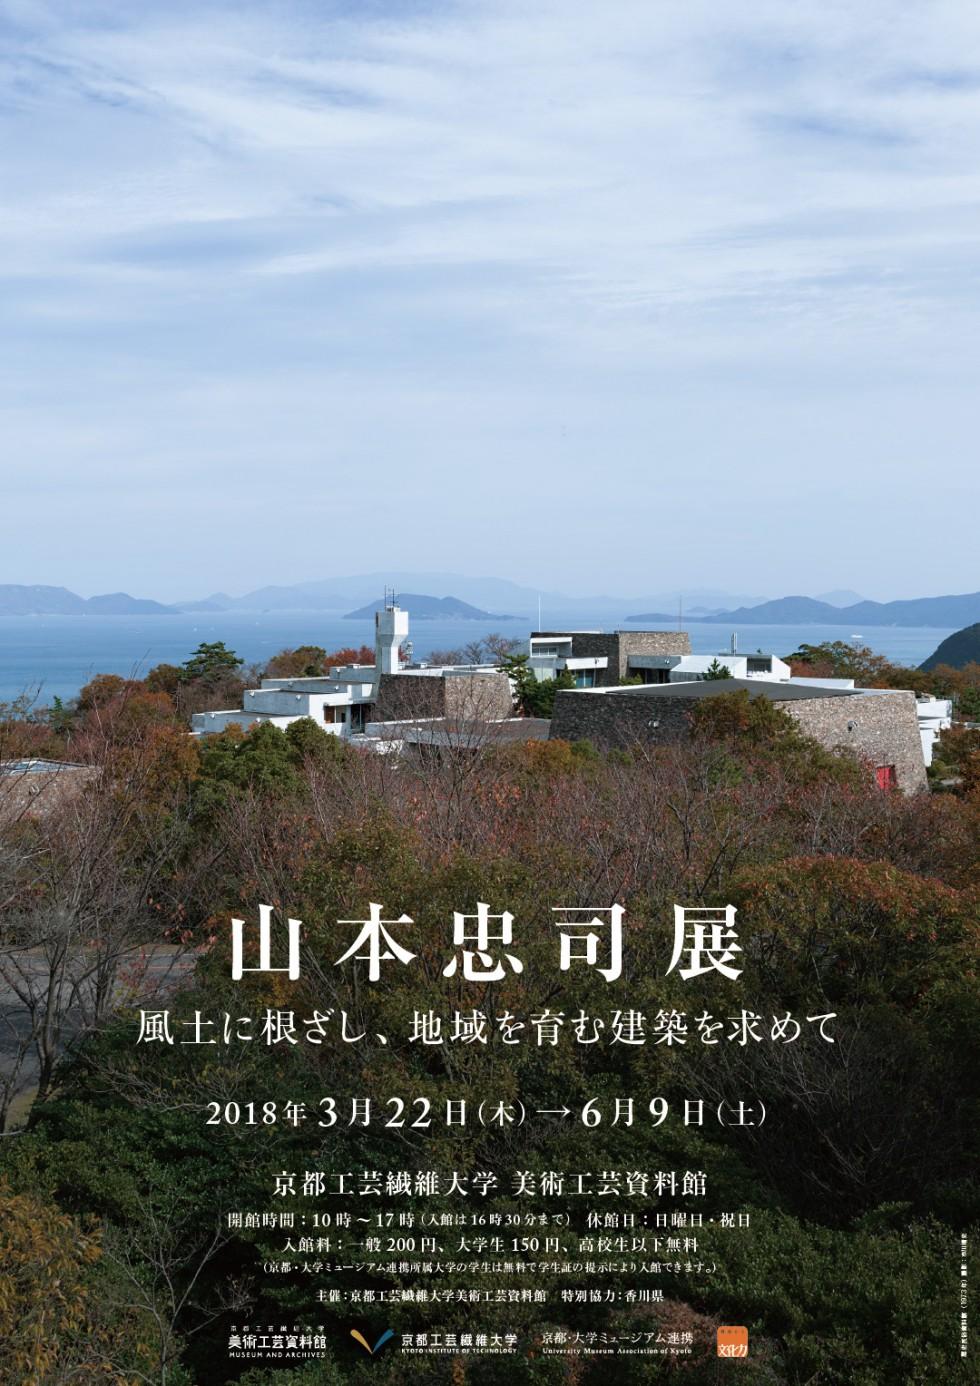 山本忠司展―風土に根ざし、地域を育む建築を求めて